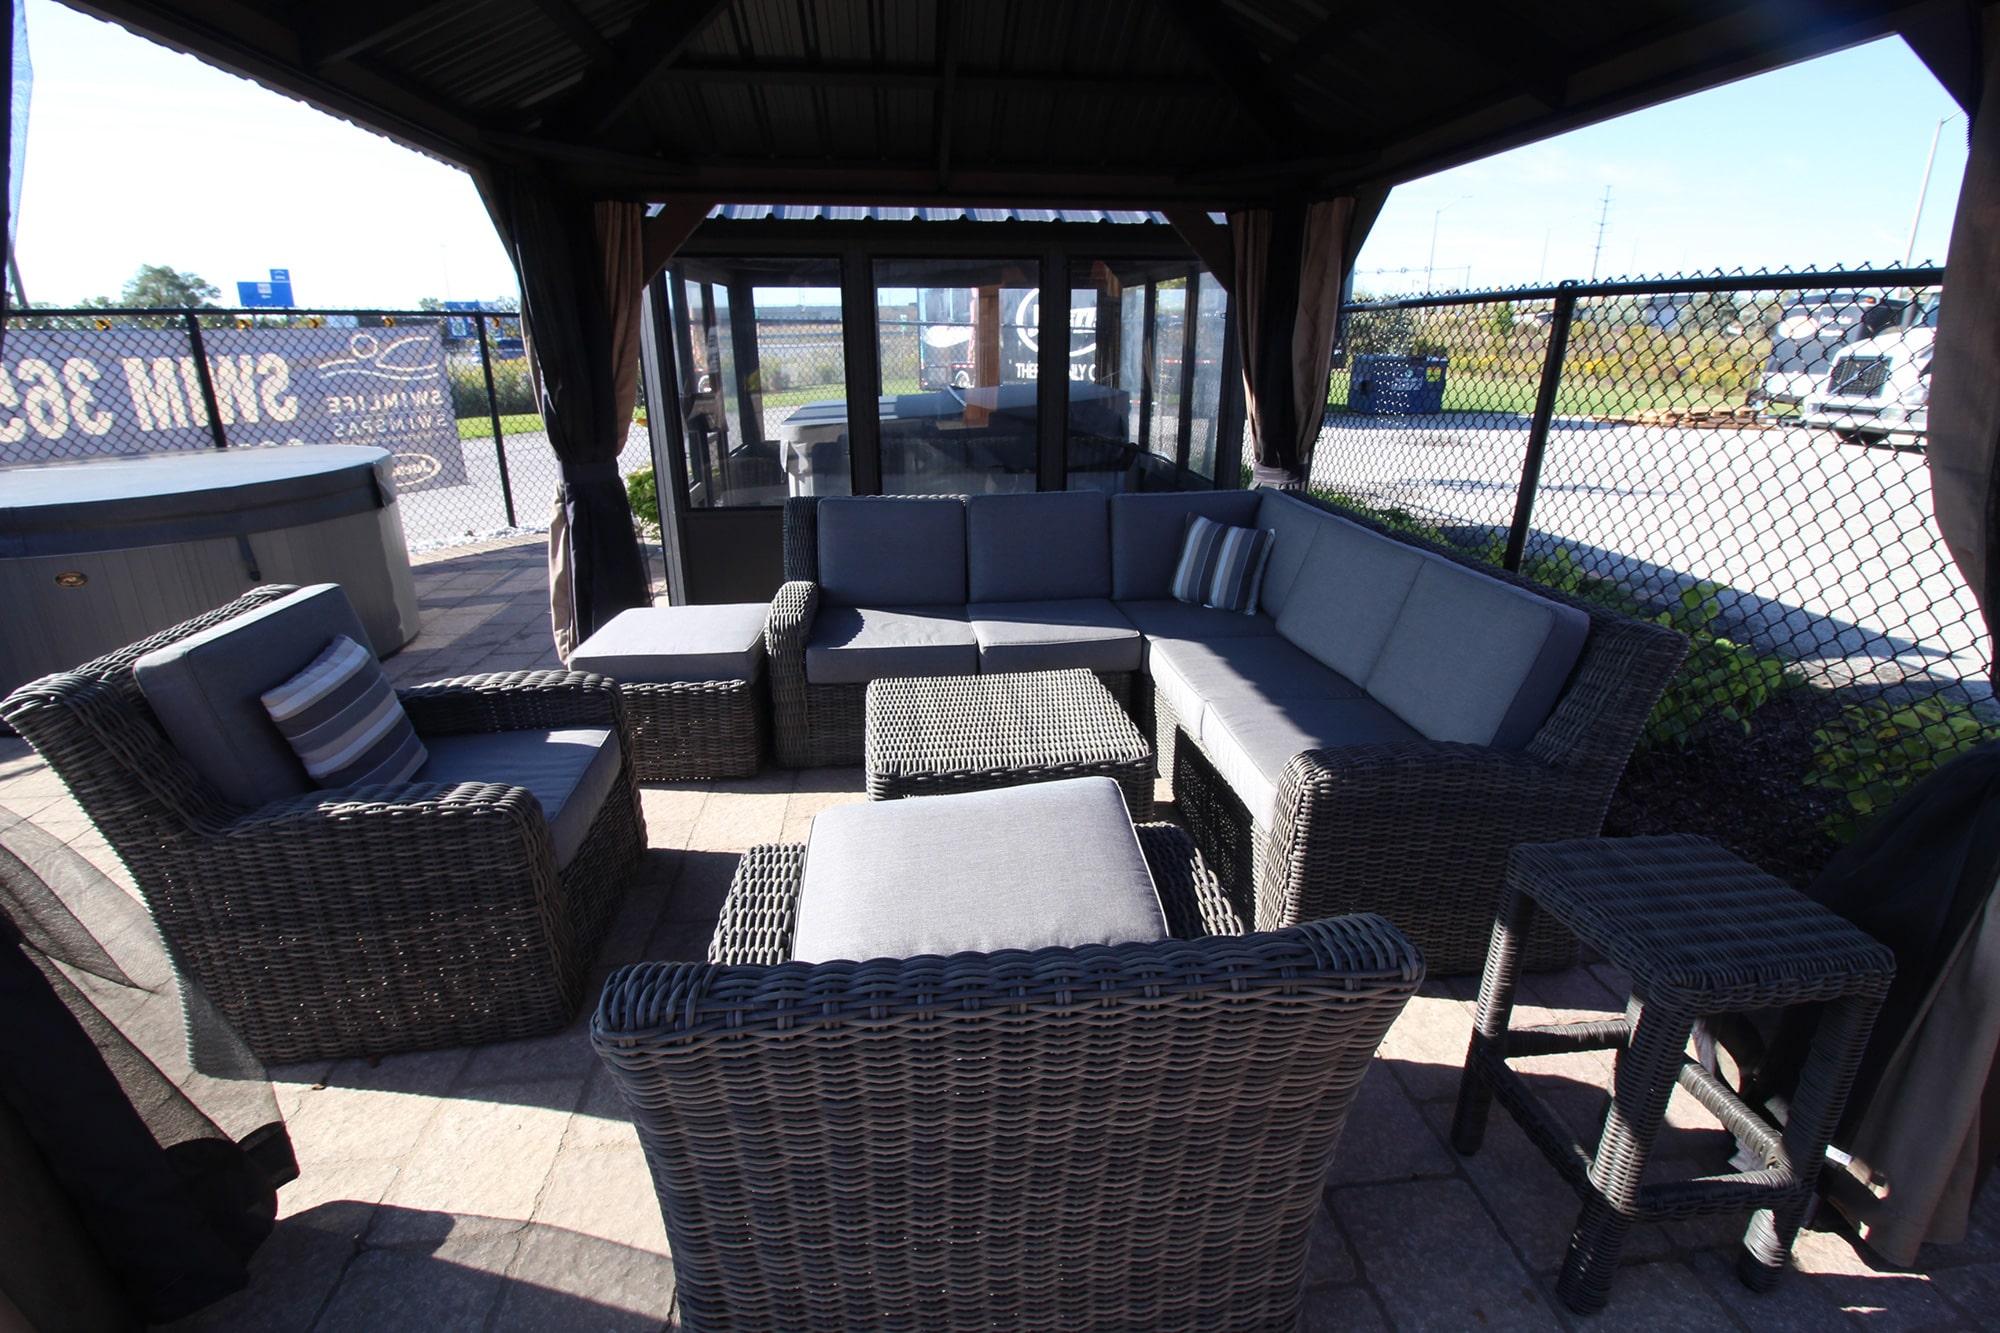 Jacuzzi Burlington Outdoor Furniture Showroom